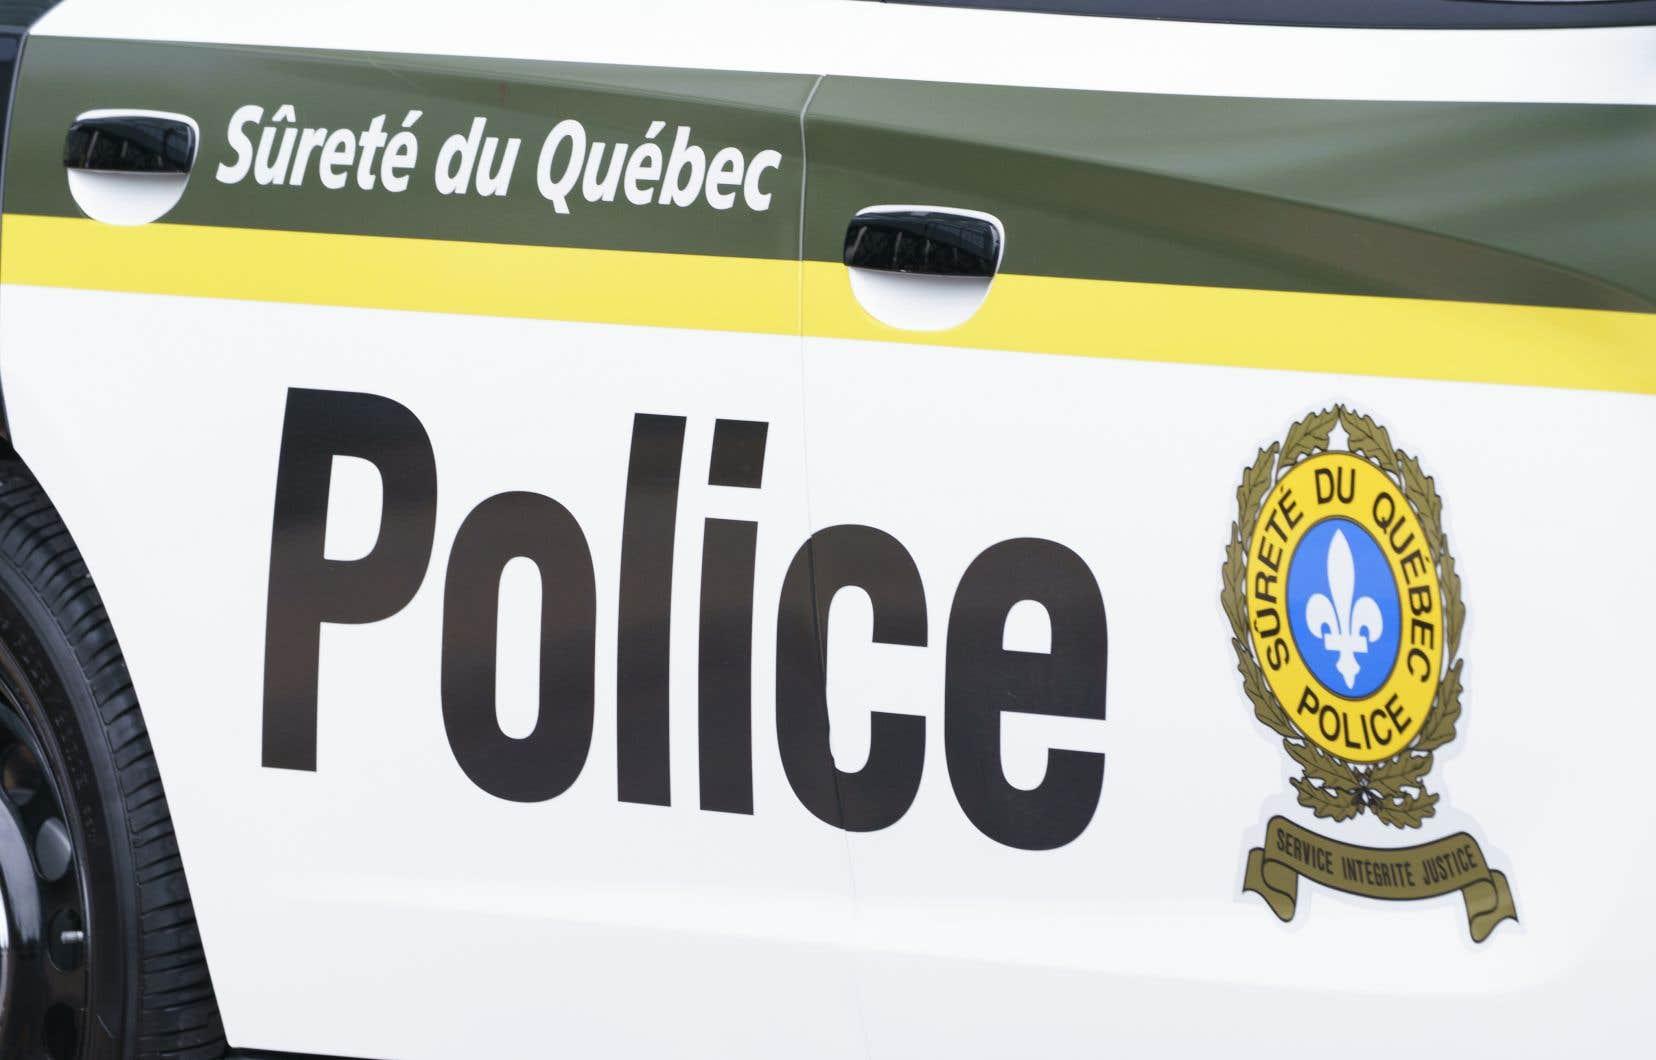 Les équipes de la SQ ont procédé à 676 saisies qui seraient liées au crime organisé en 2019.